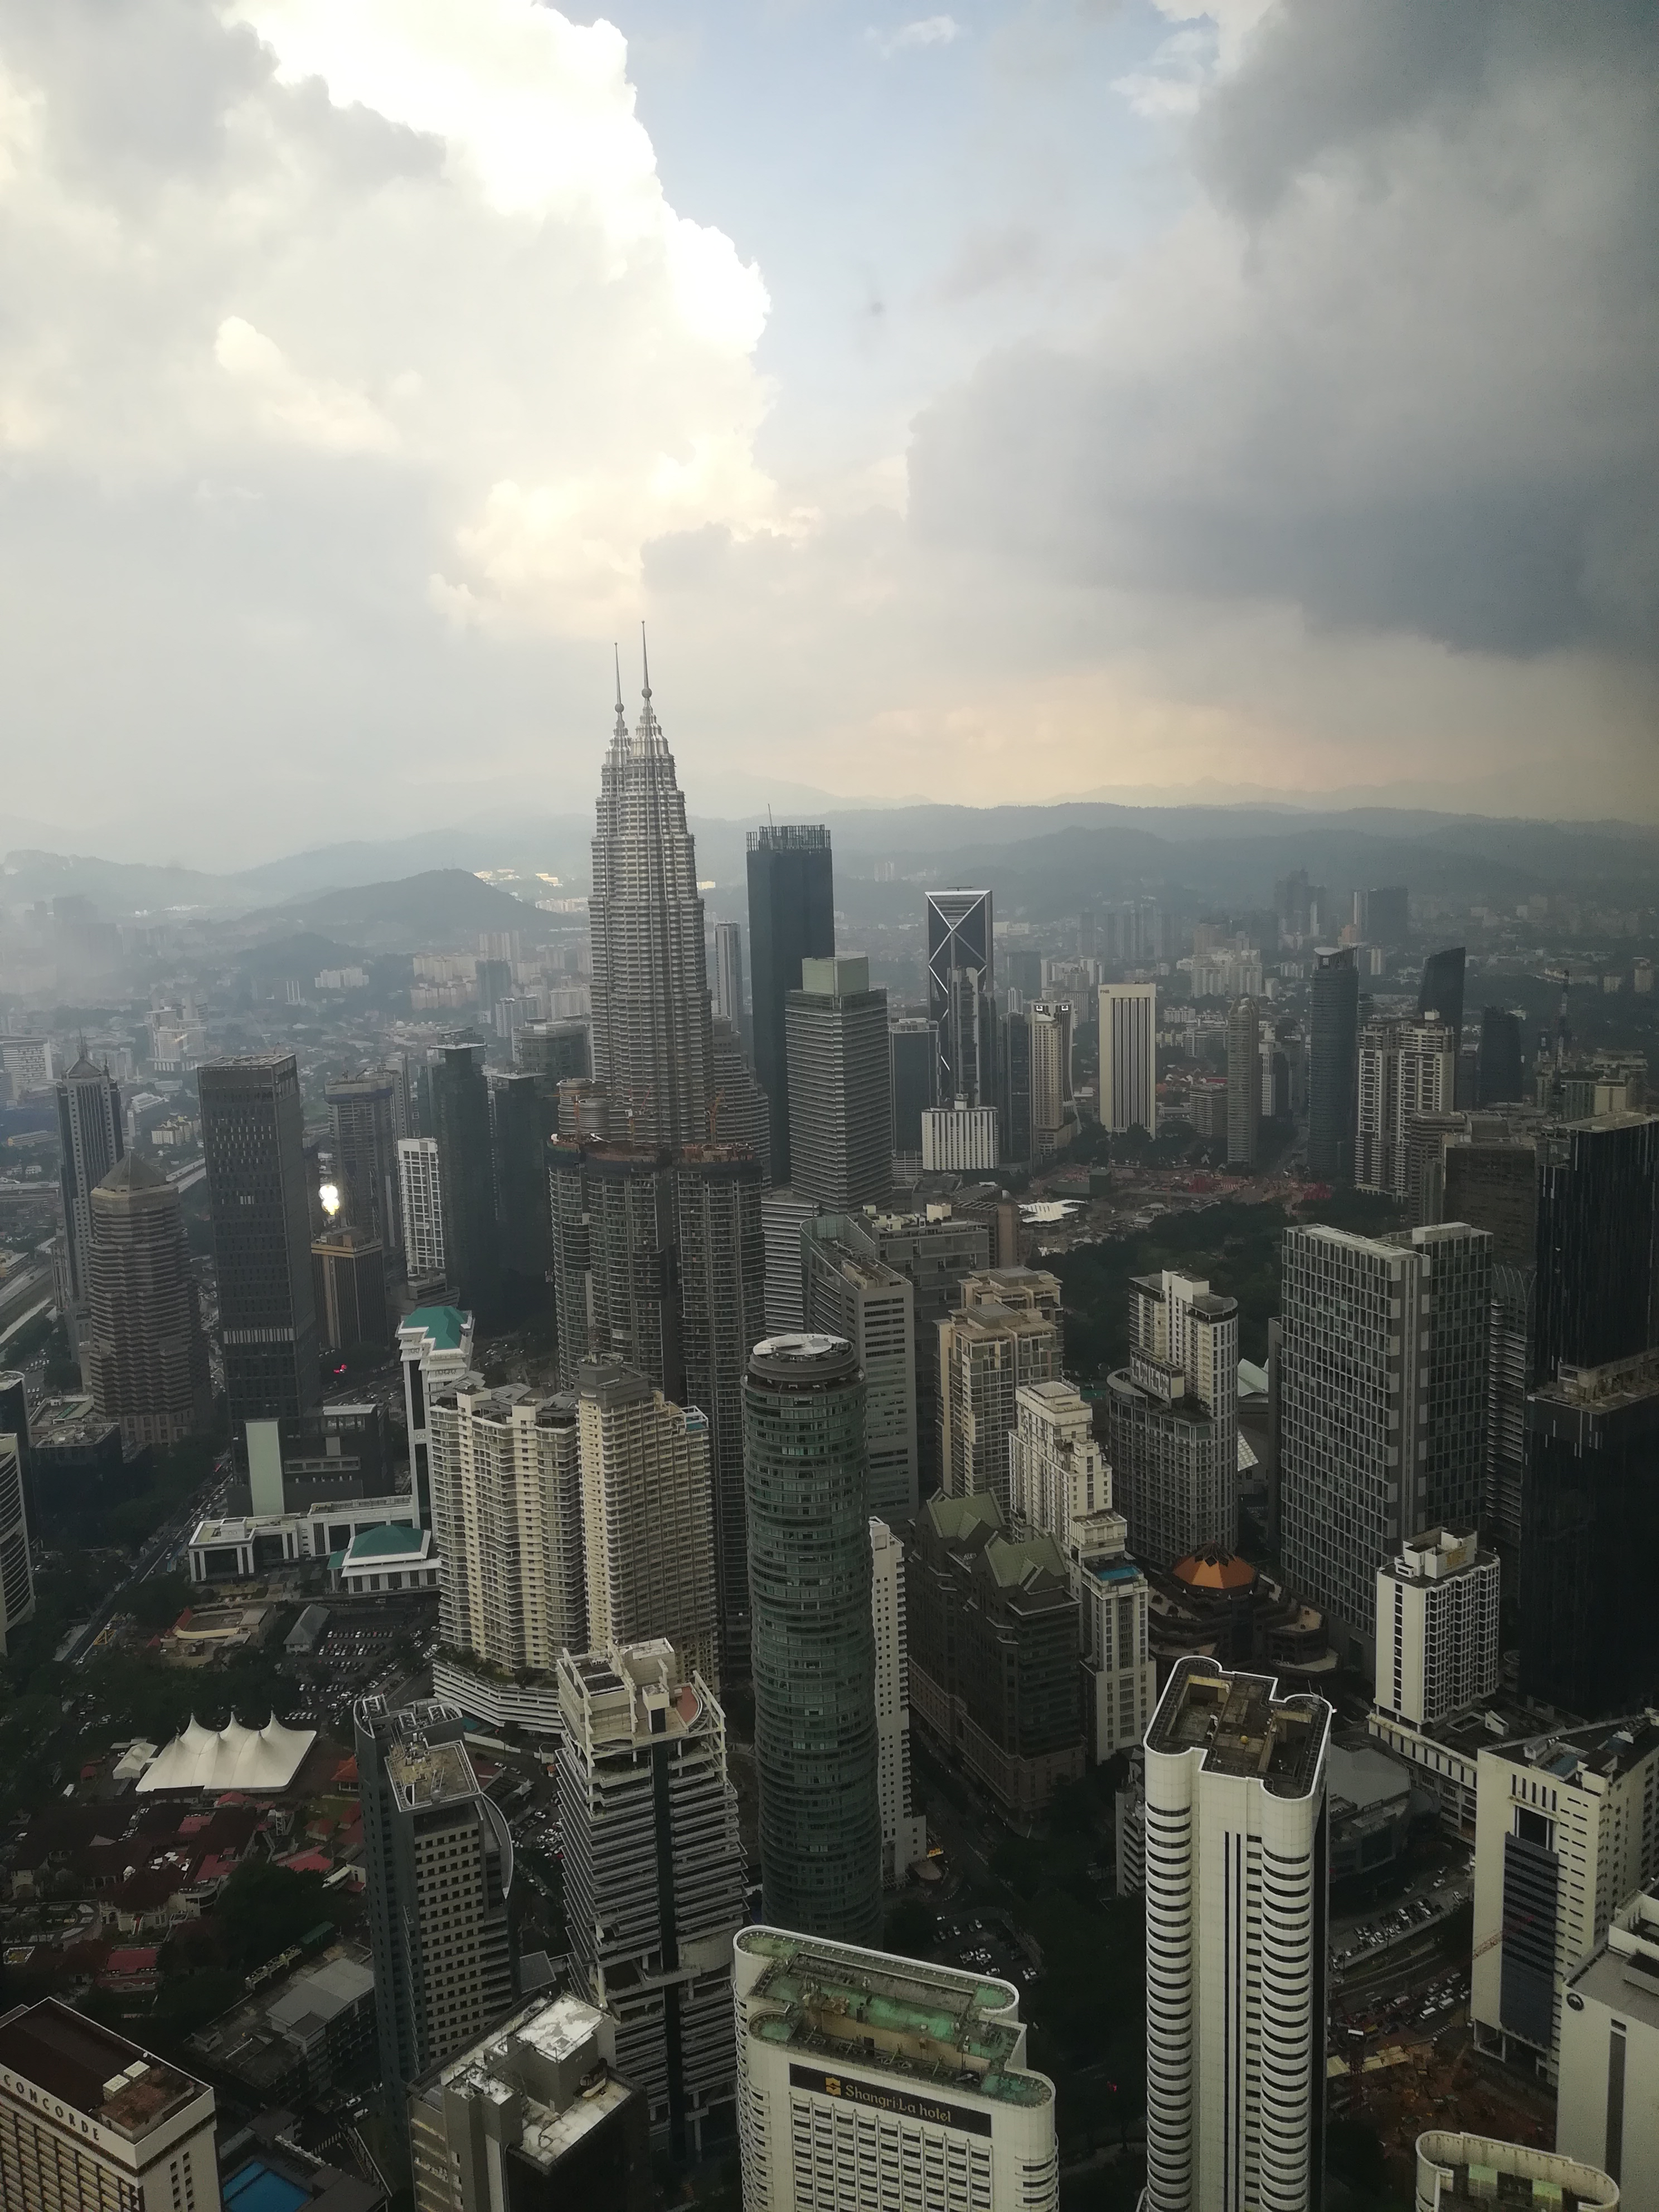 Les Lumpur Kuala Pour De Guide Complet Budgets Petits T1FKclJ